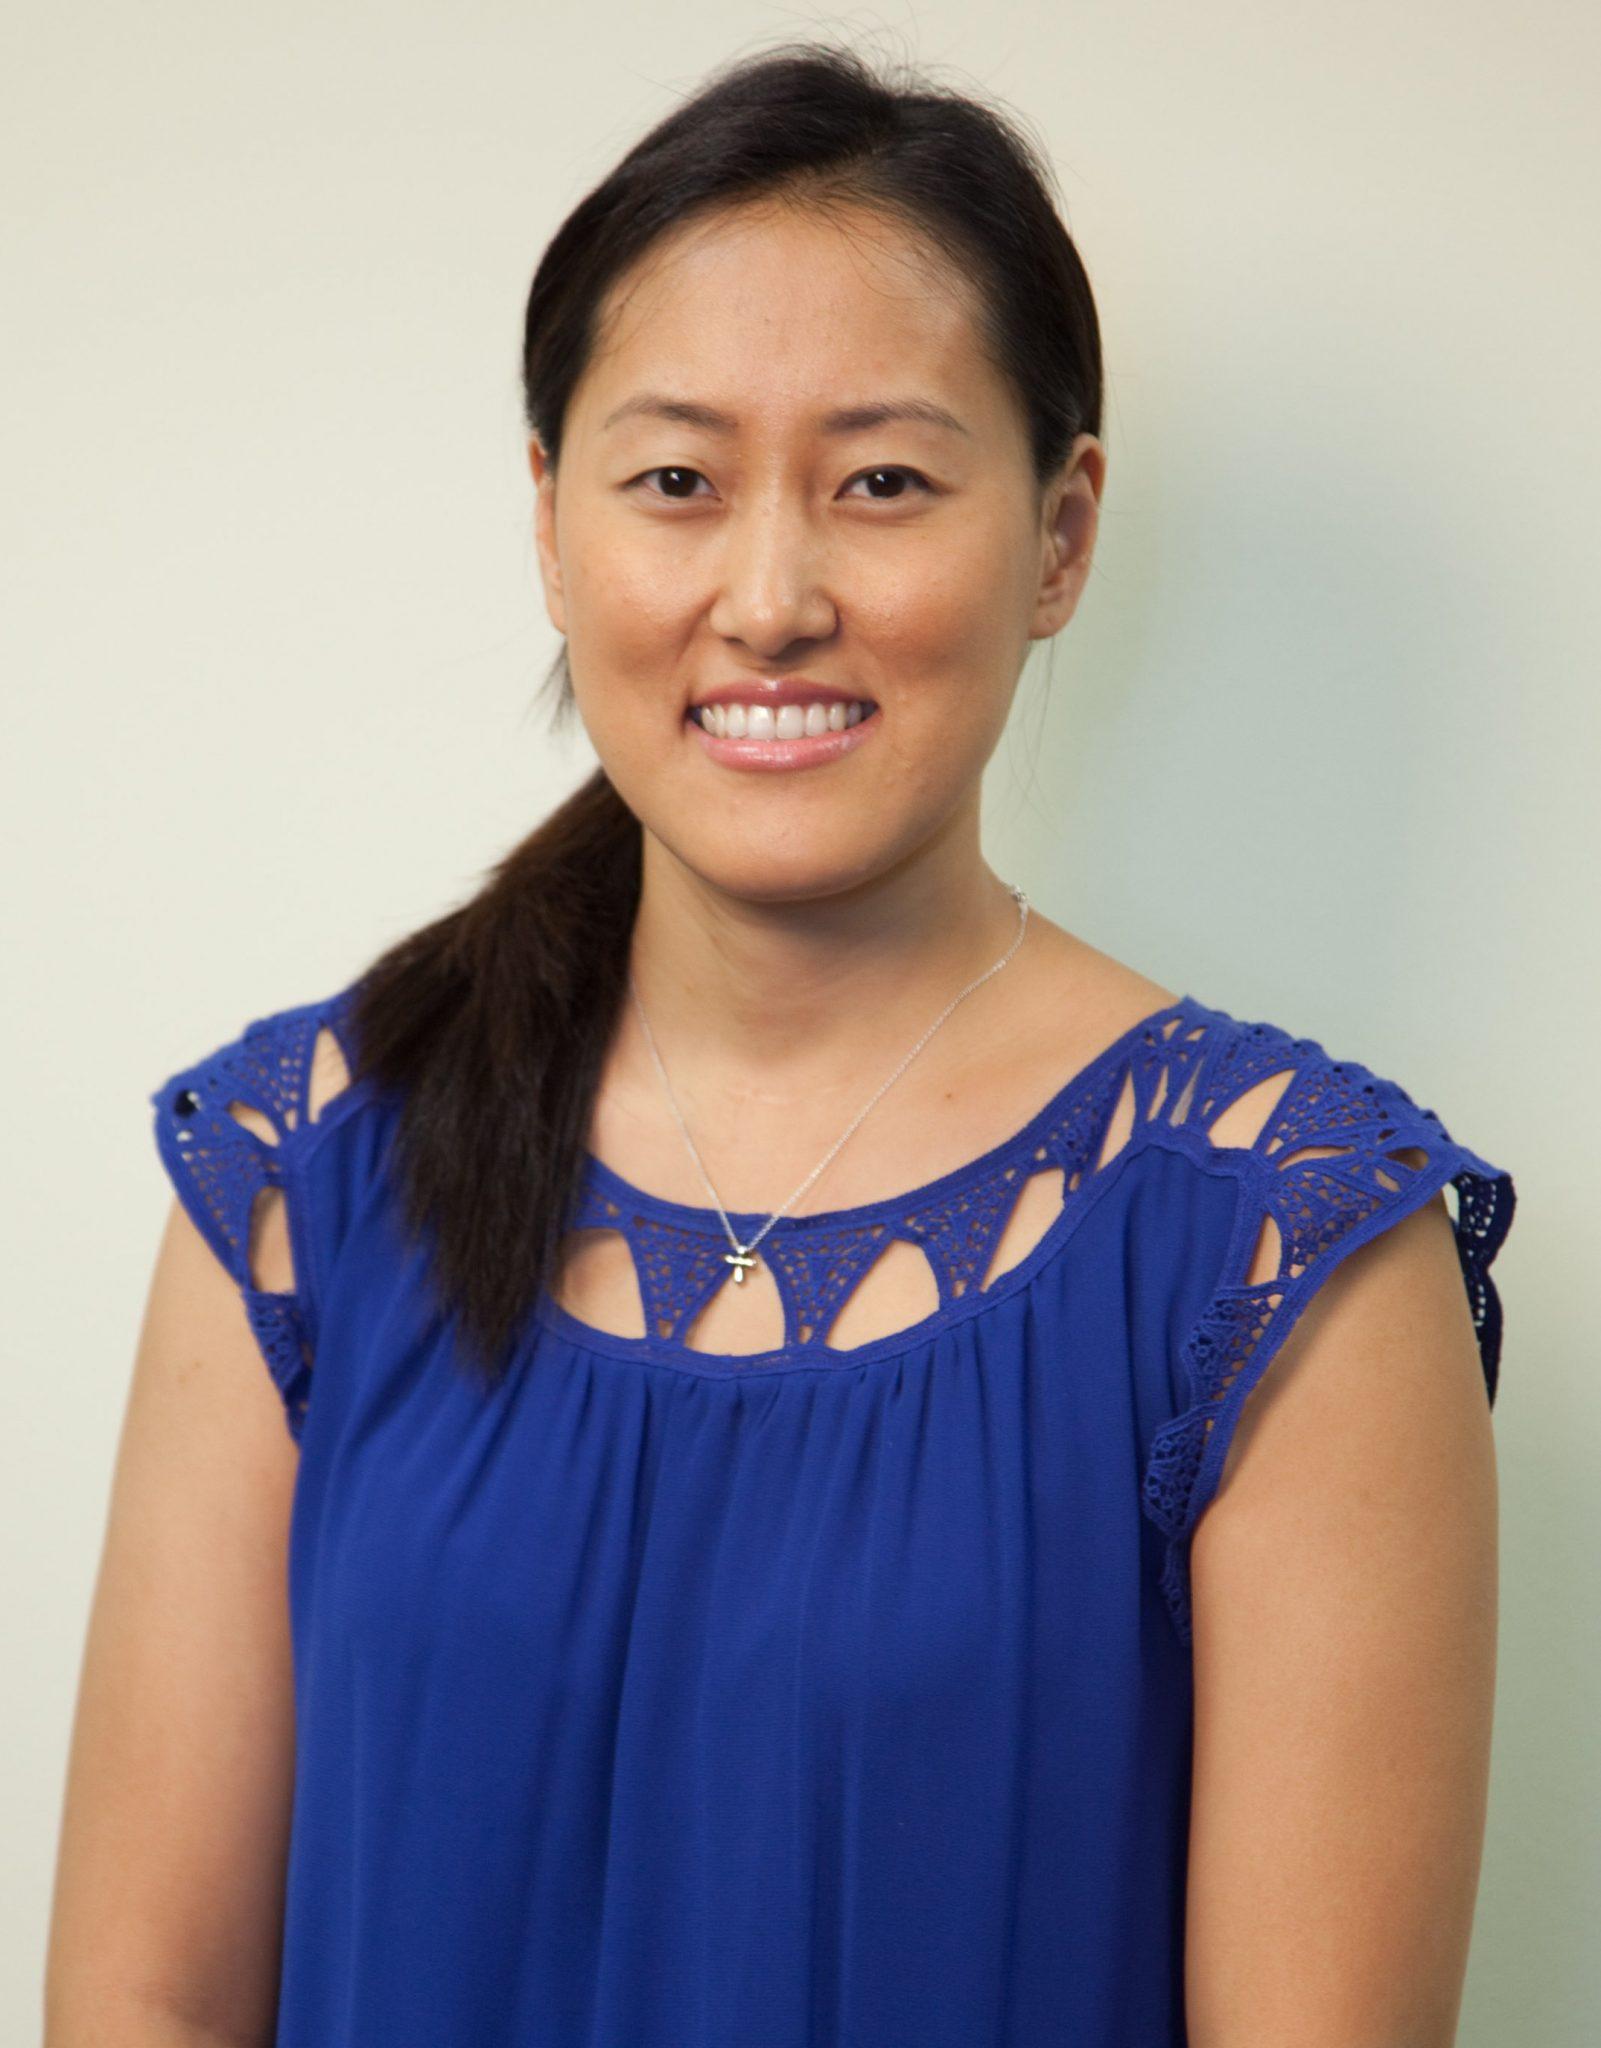 Sarah Lee Kim